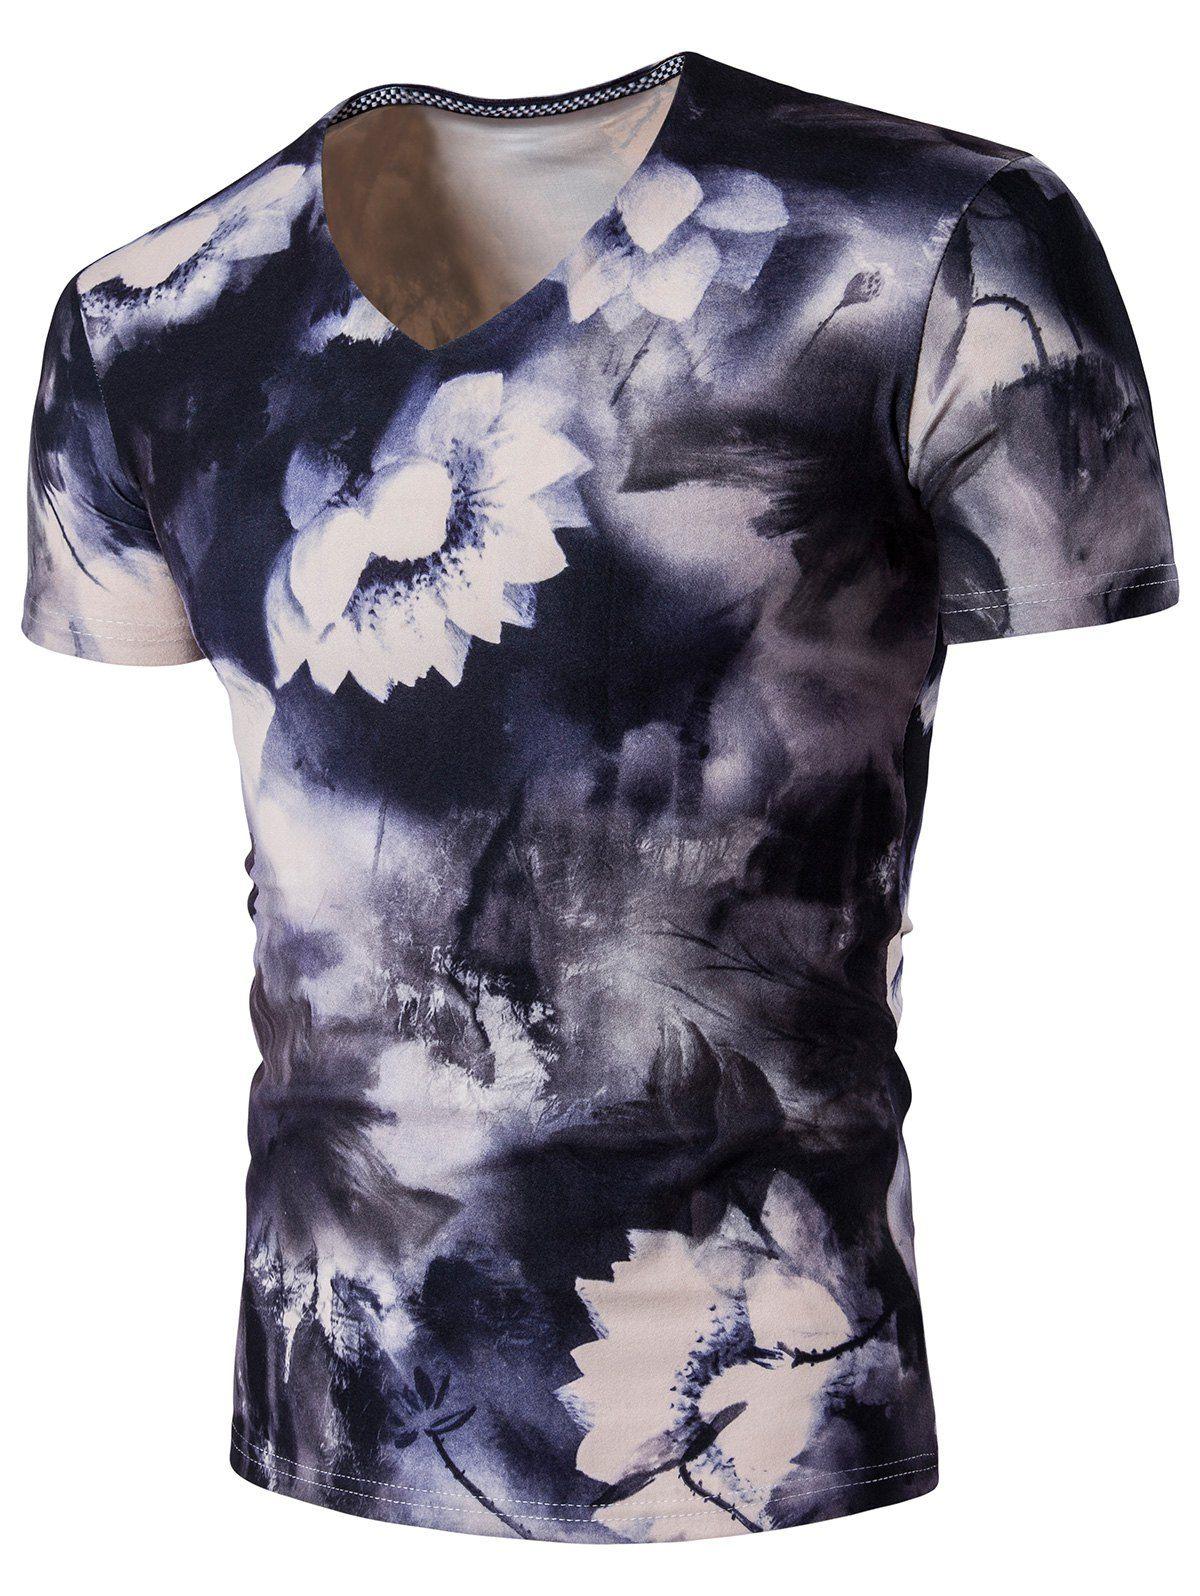 V neck lotus flower t shirt lotus flower v neck lotus flower t shirt izmirmasajfo Images